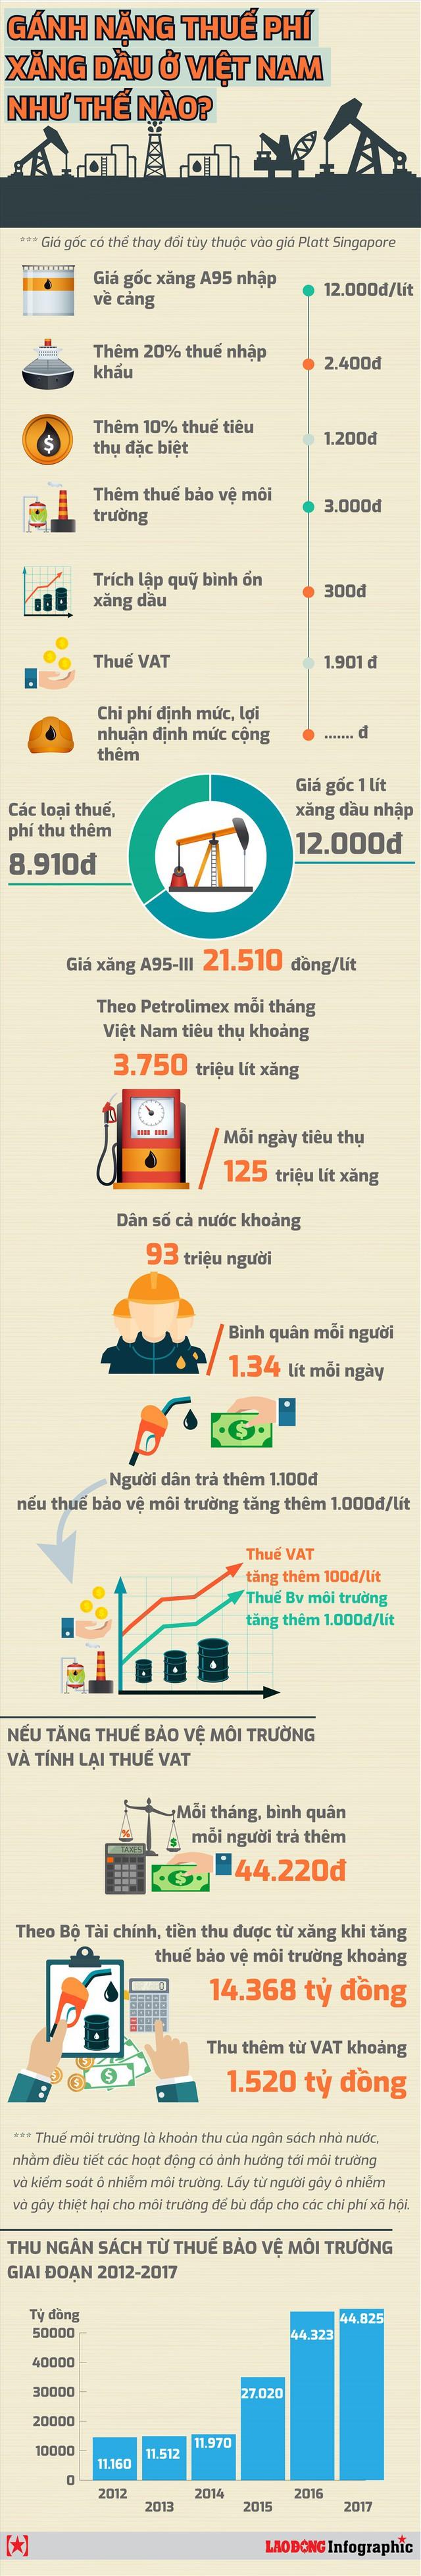 Gánh nặng thuế phí xăng dầu ở Việt Nam như thế nào? - Ảnh 1.